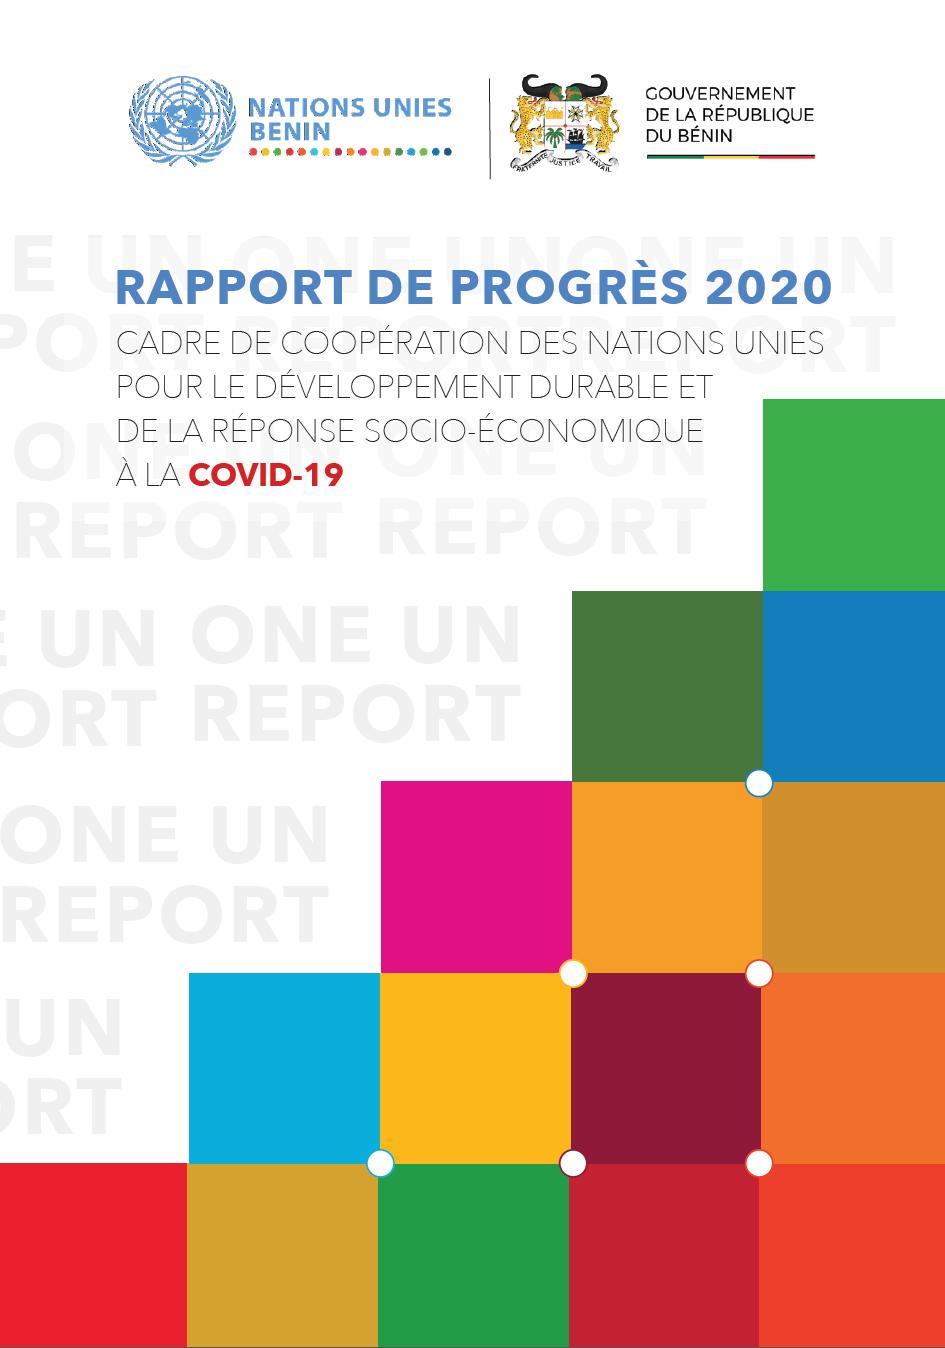 RAPPORT DE PROGRES 2020